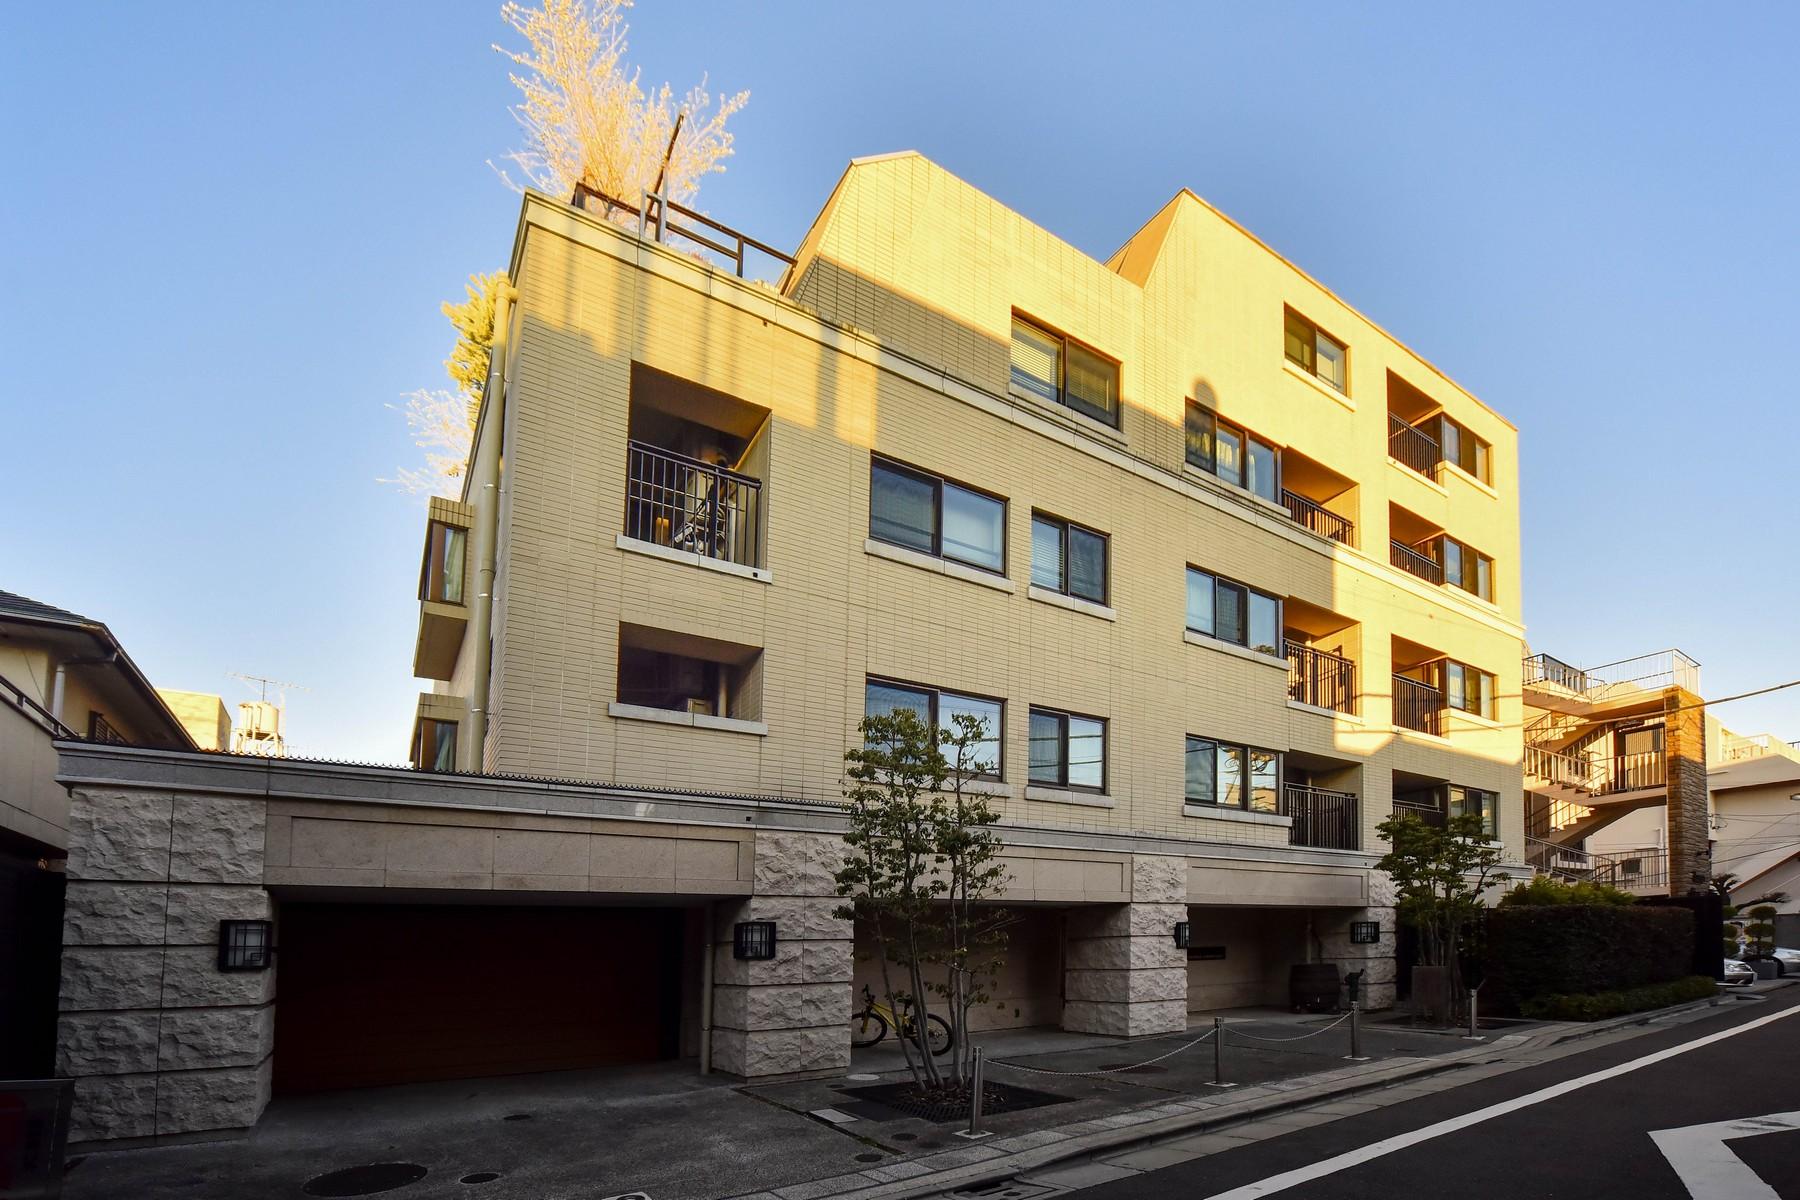 共管式独立产权公寓 为 销售 在 The Sanmaison Jingumae 4 Chome Eldo 涩谷区, 东京 日本